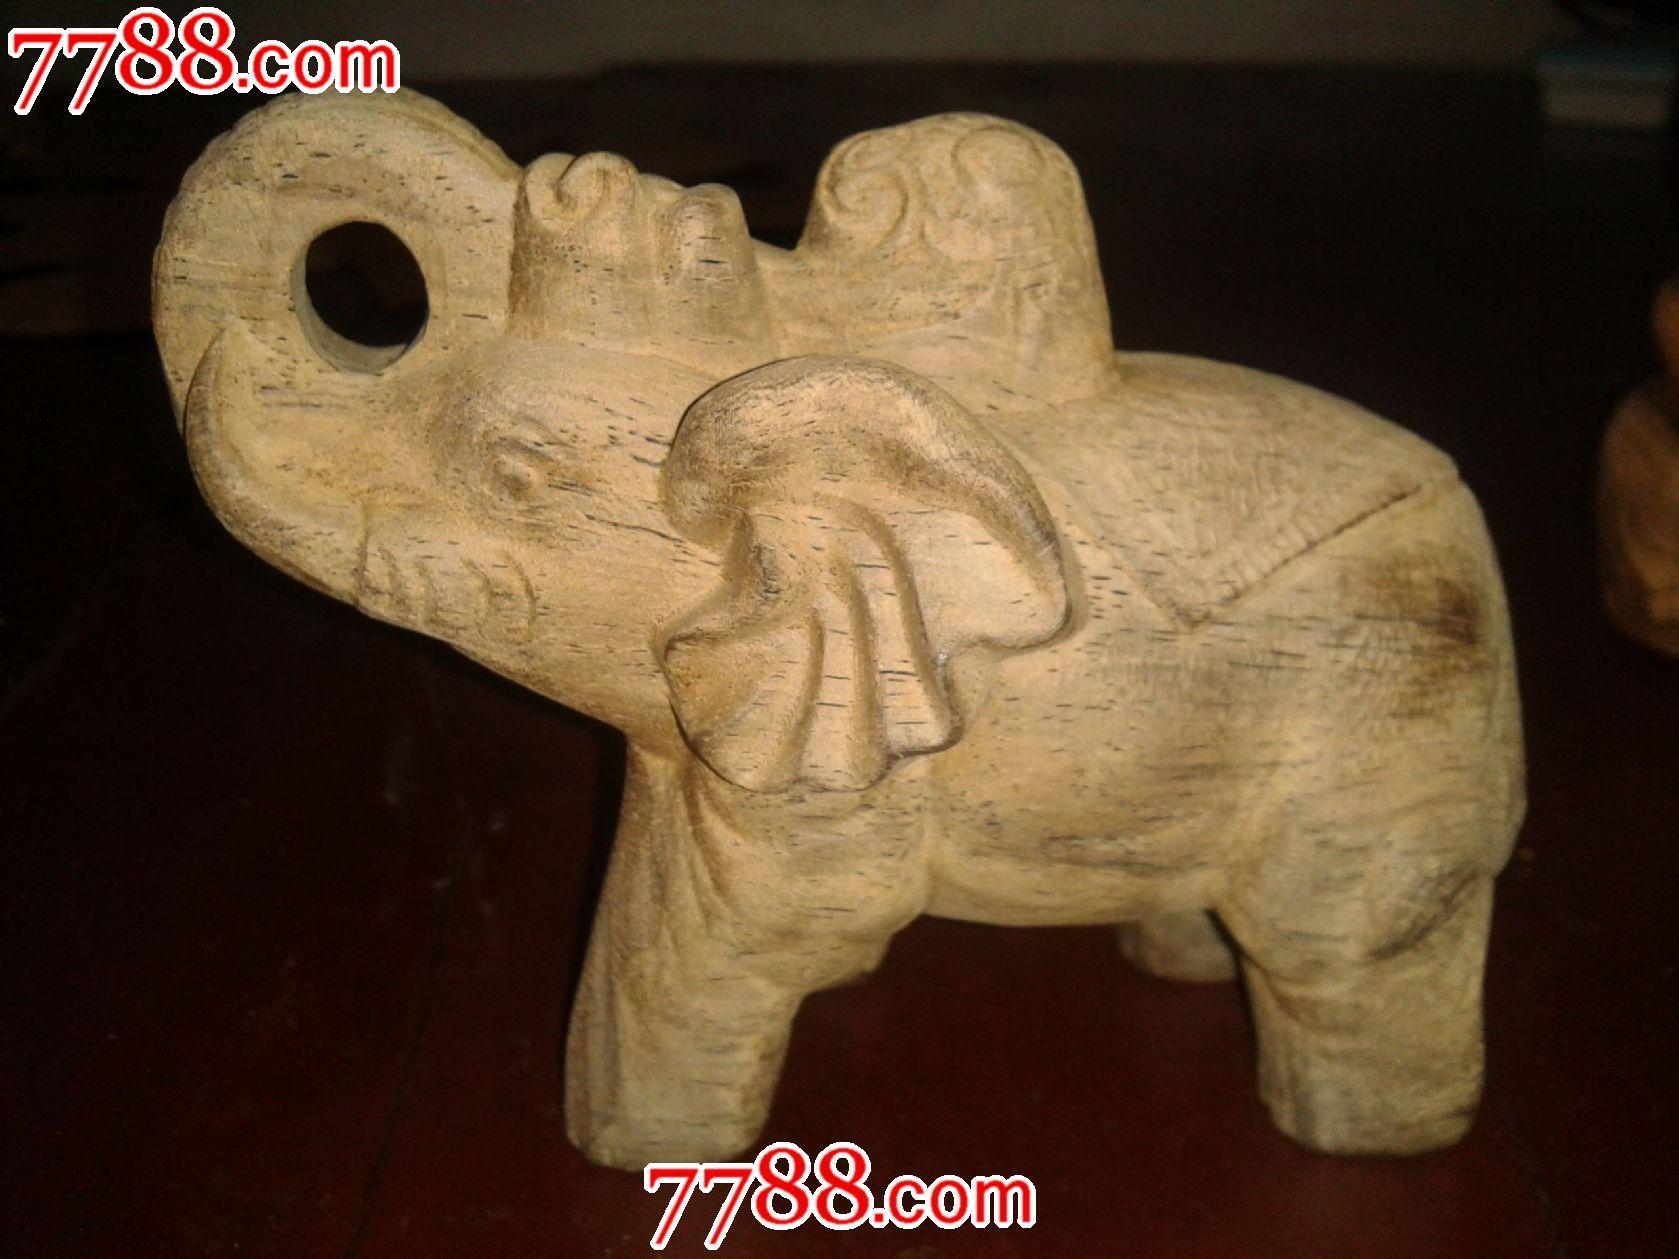 属性: 木雕动物摆件,,其他木质,,年代不详,,立体圆雕,,,,, 简介: 缅甸